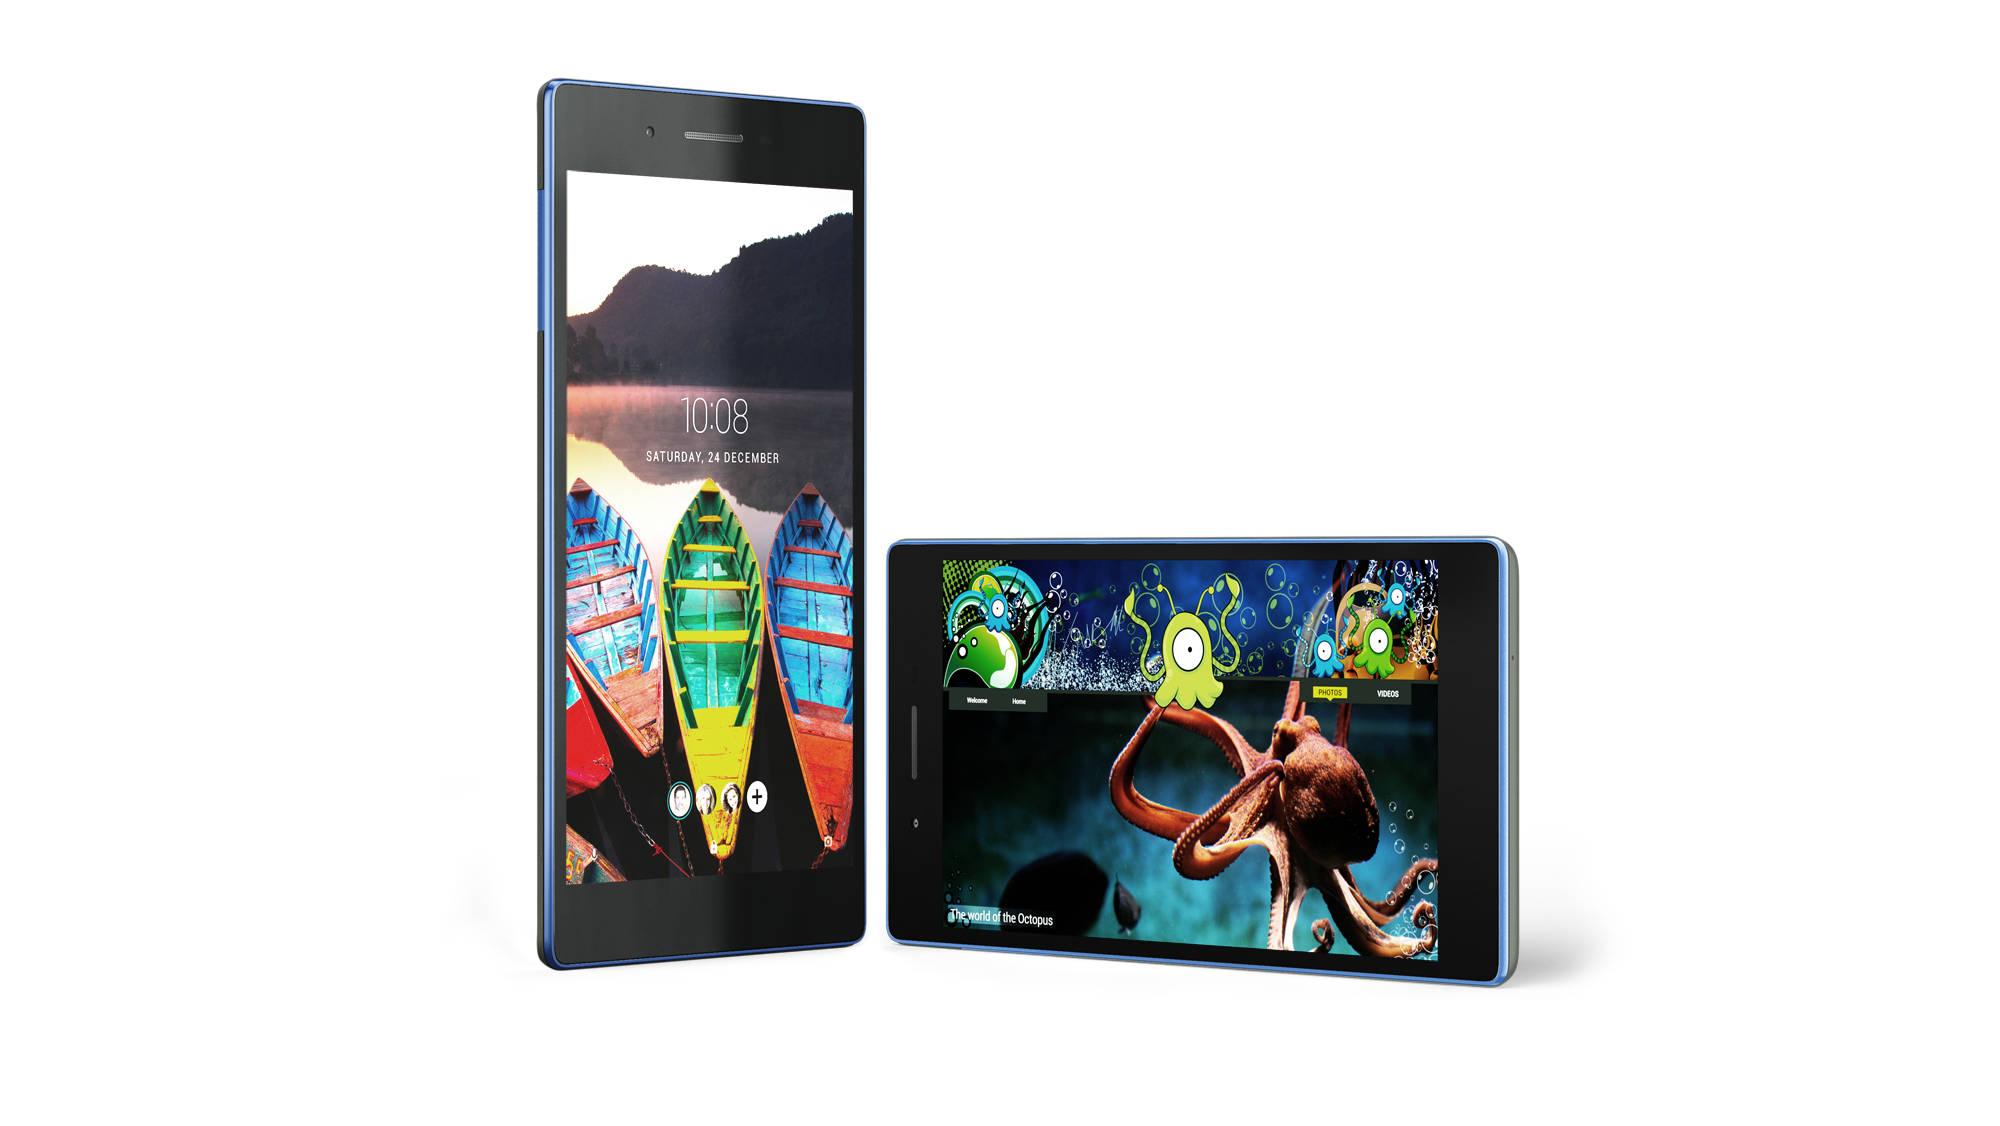 """Lenovo TAB3 7 Essential MediaTek 1,30GHz/1GB/16GB/7"""" IPS/1024x600/WiFi/Android 5.0 černý ZA0R0061CZ"""